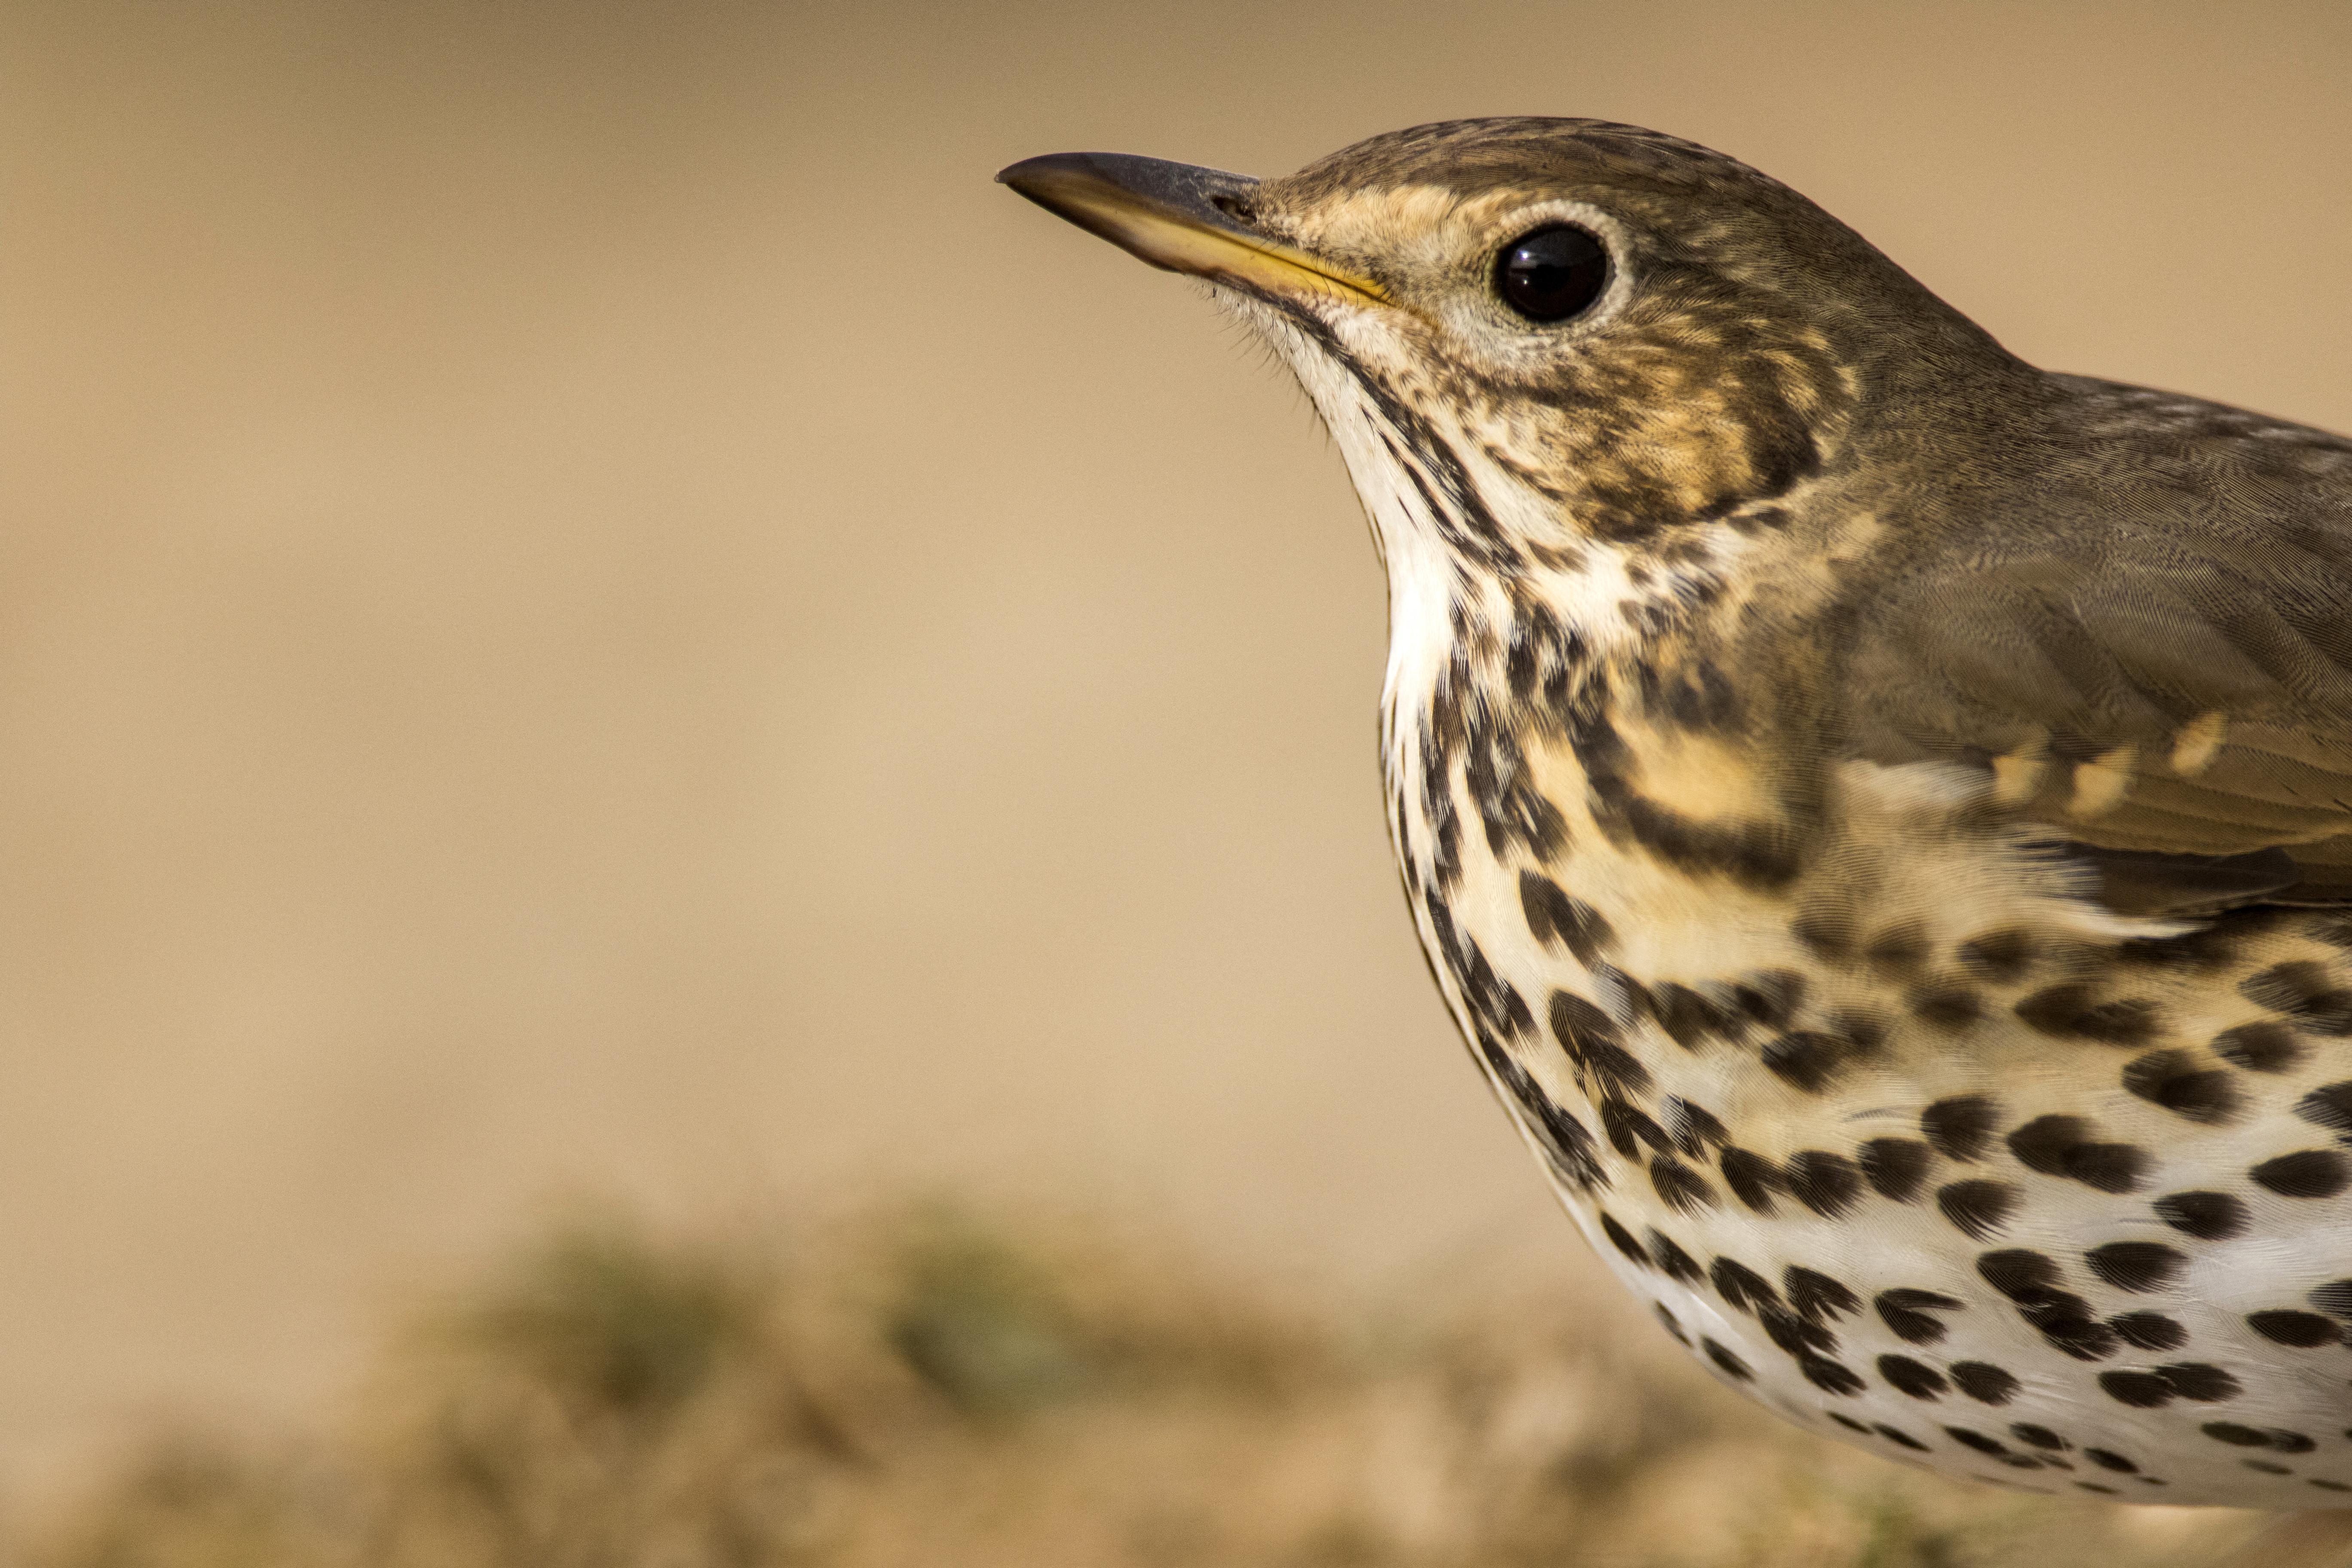 Franciaországban mostantól nem lehet élő madarakat a fákra ragasztani